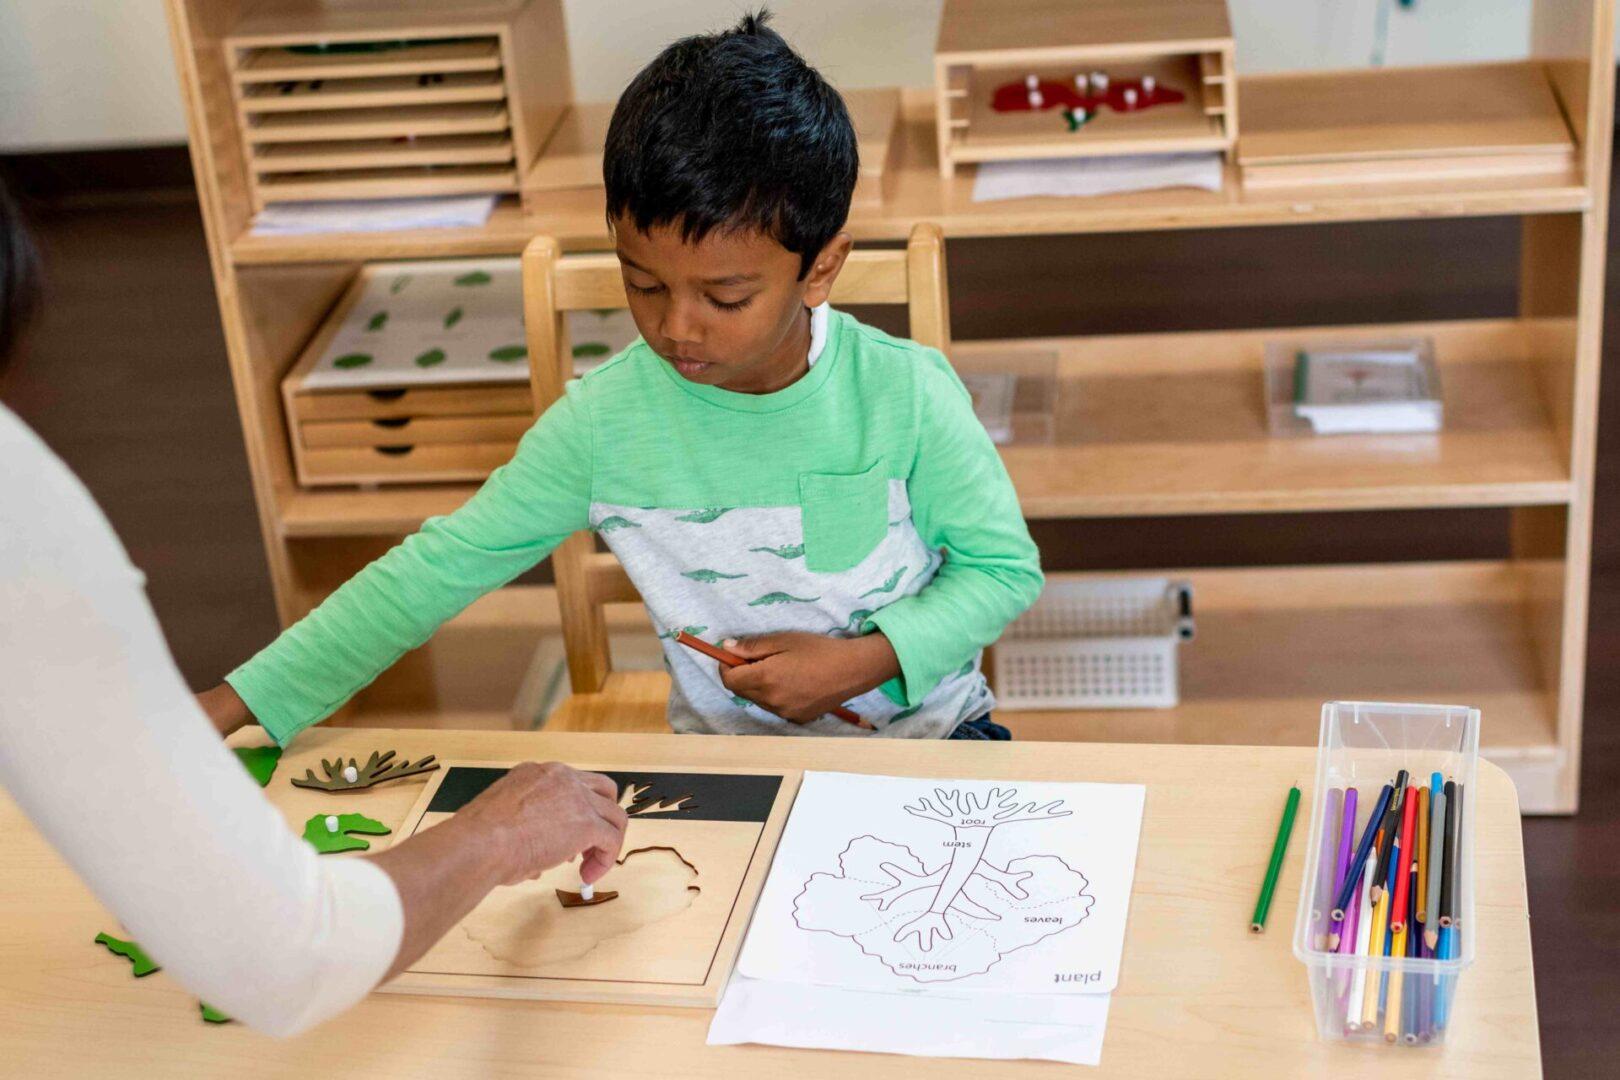 A little boy being guided by a teacher